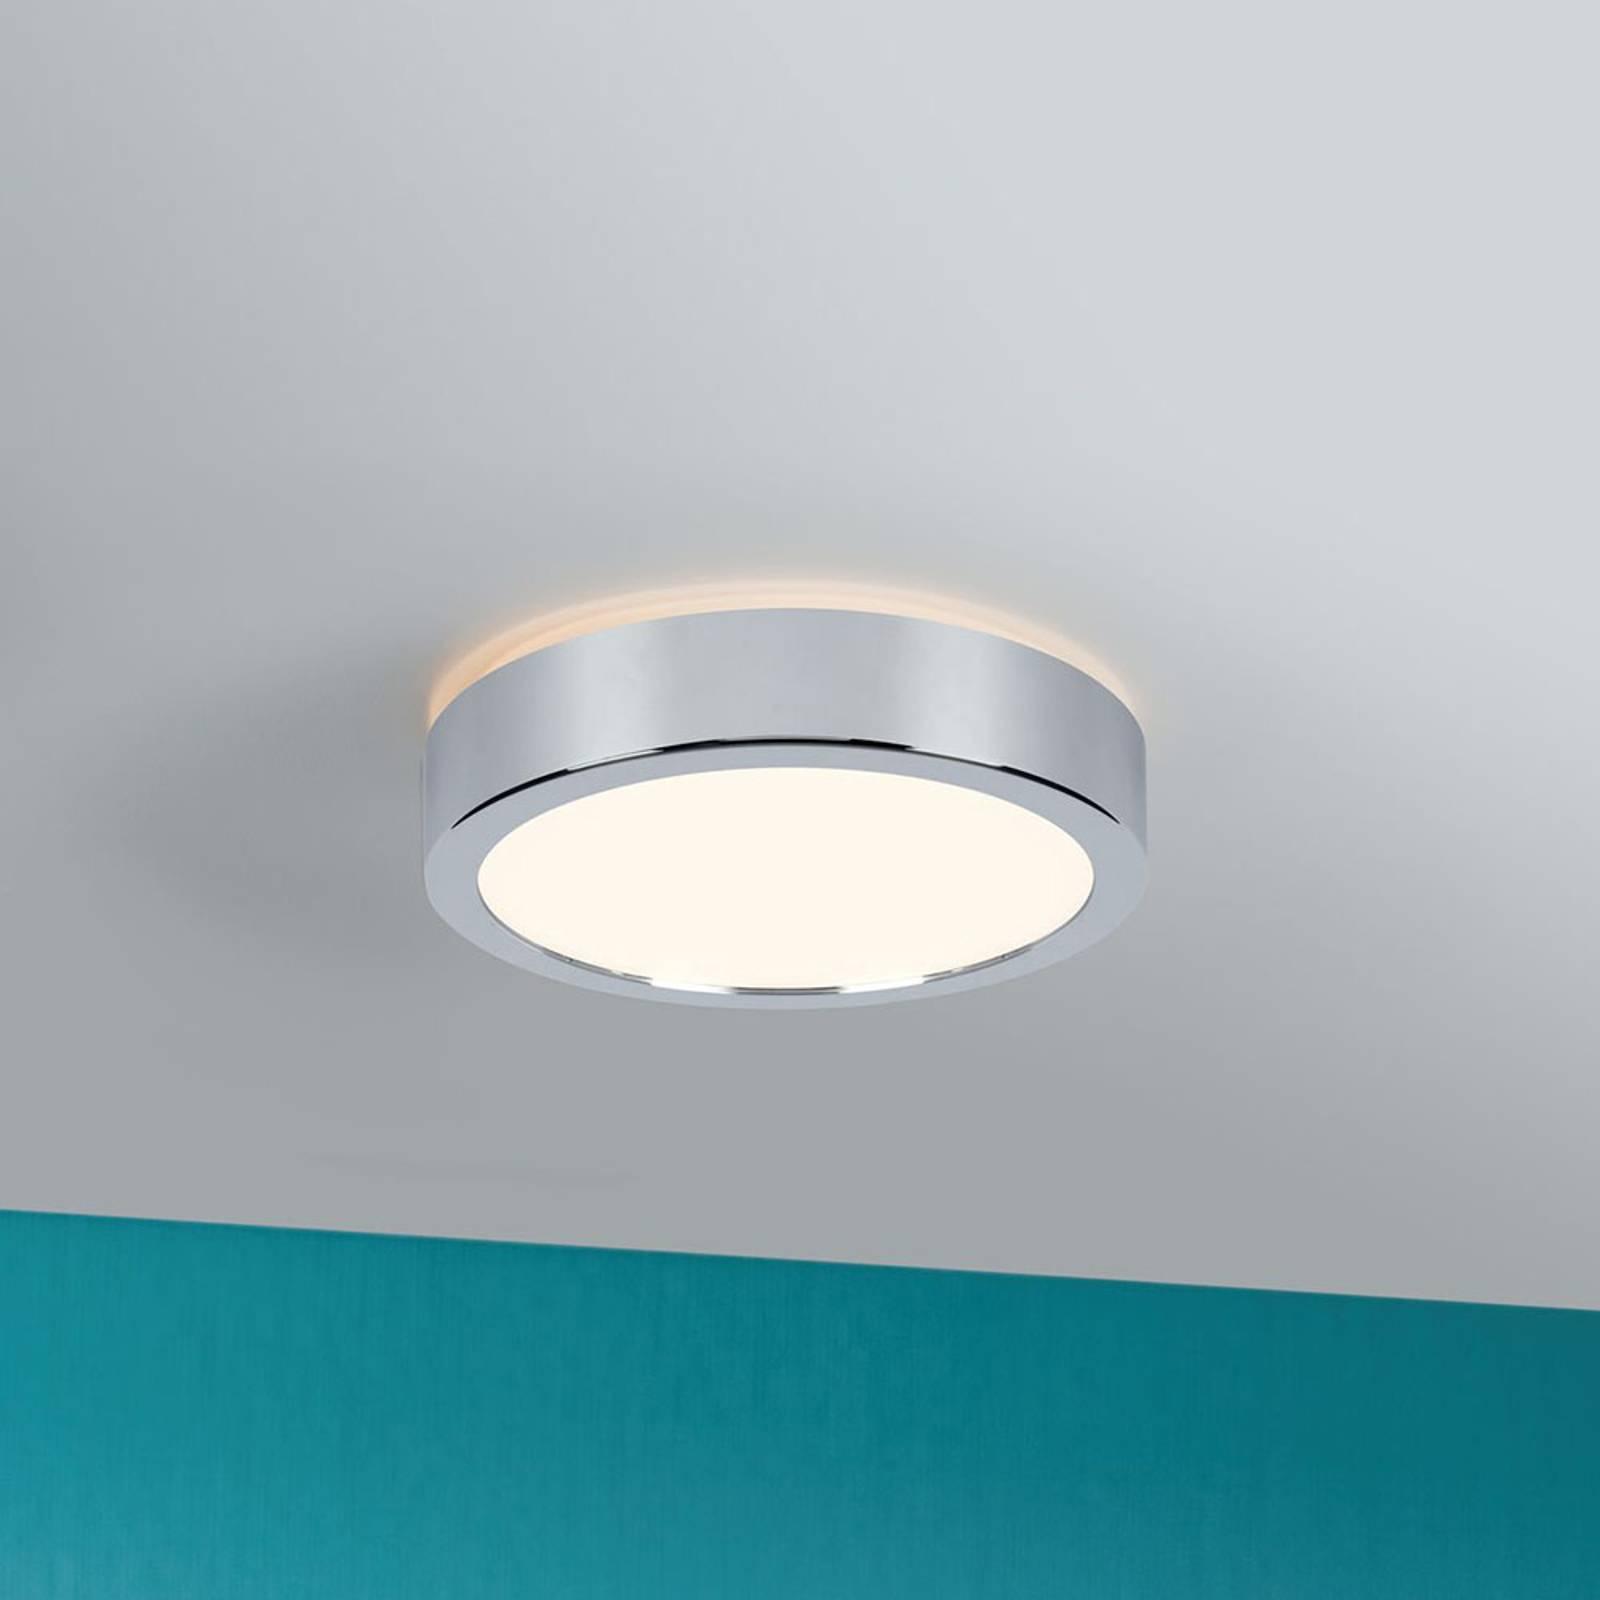 Paulmann Aviar -LED-kattovalo 22 cm kromi 3000K